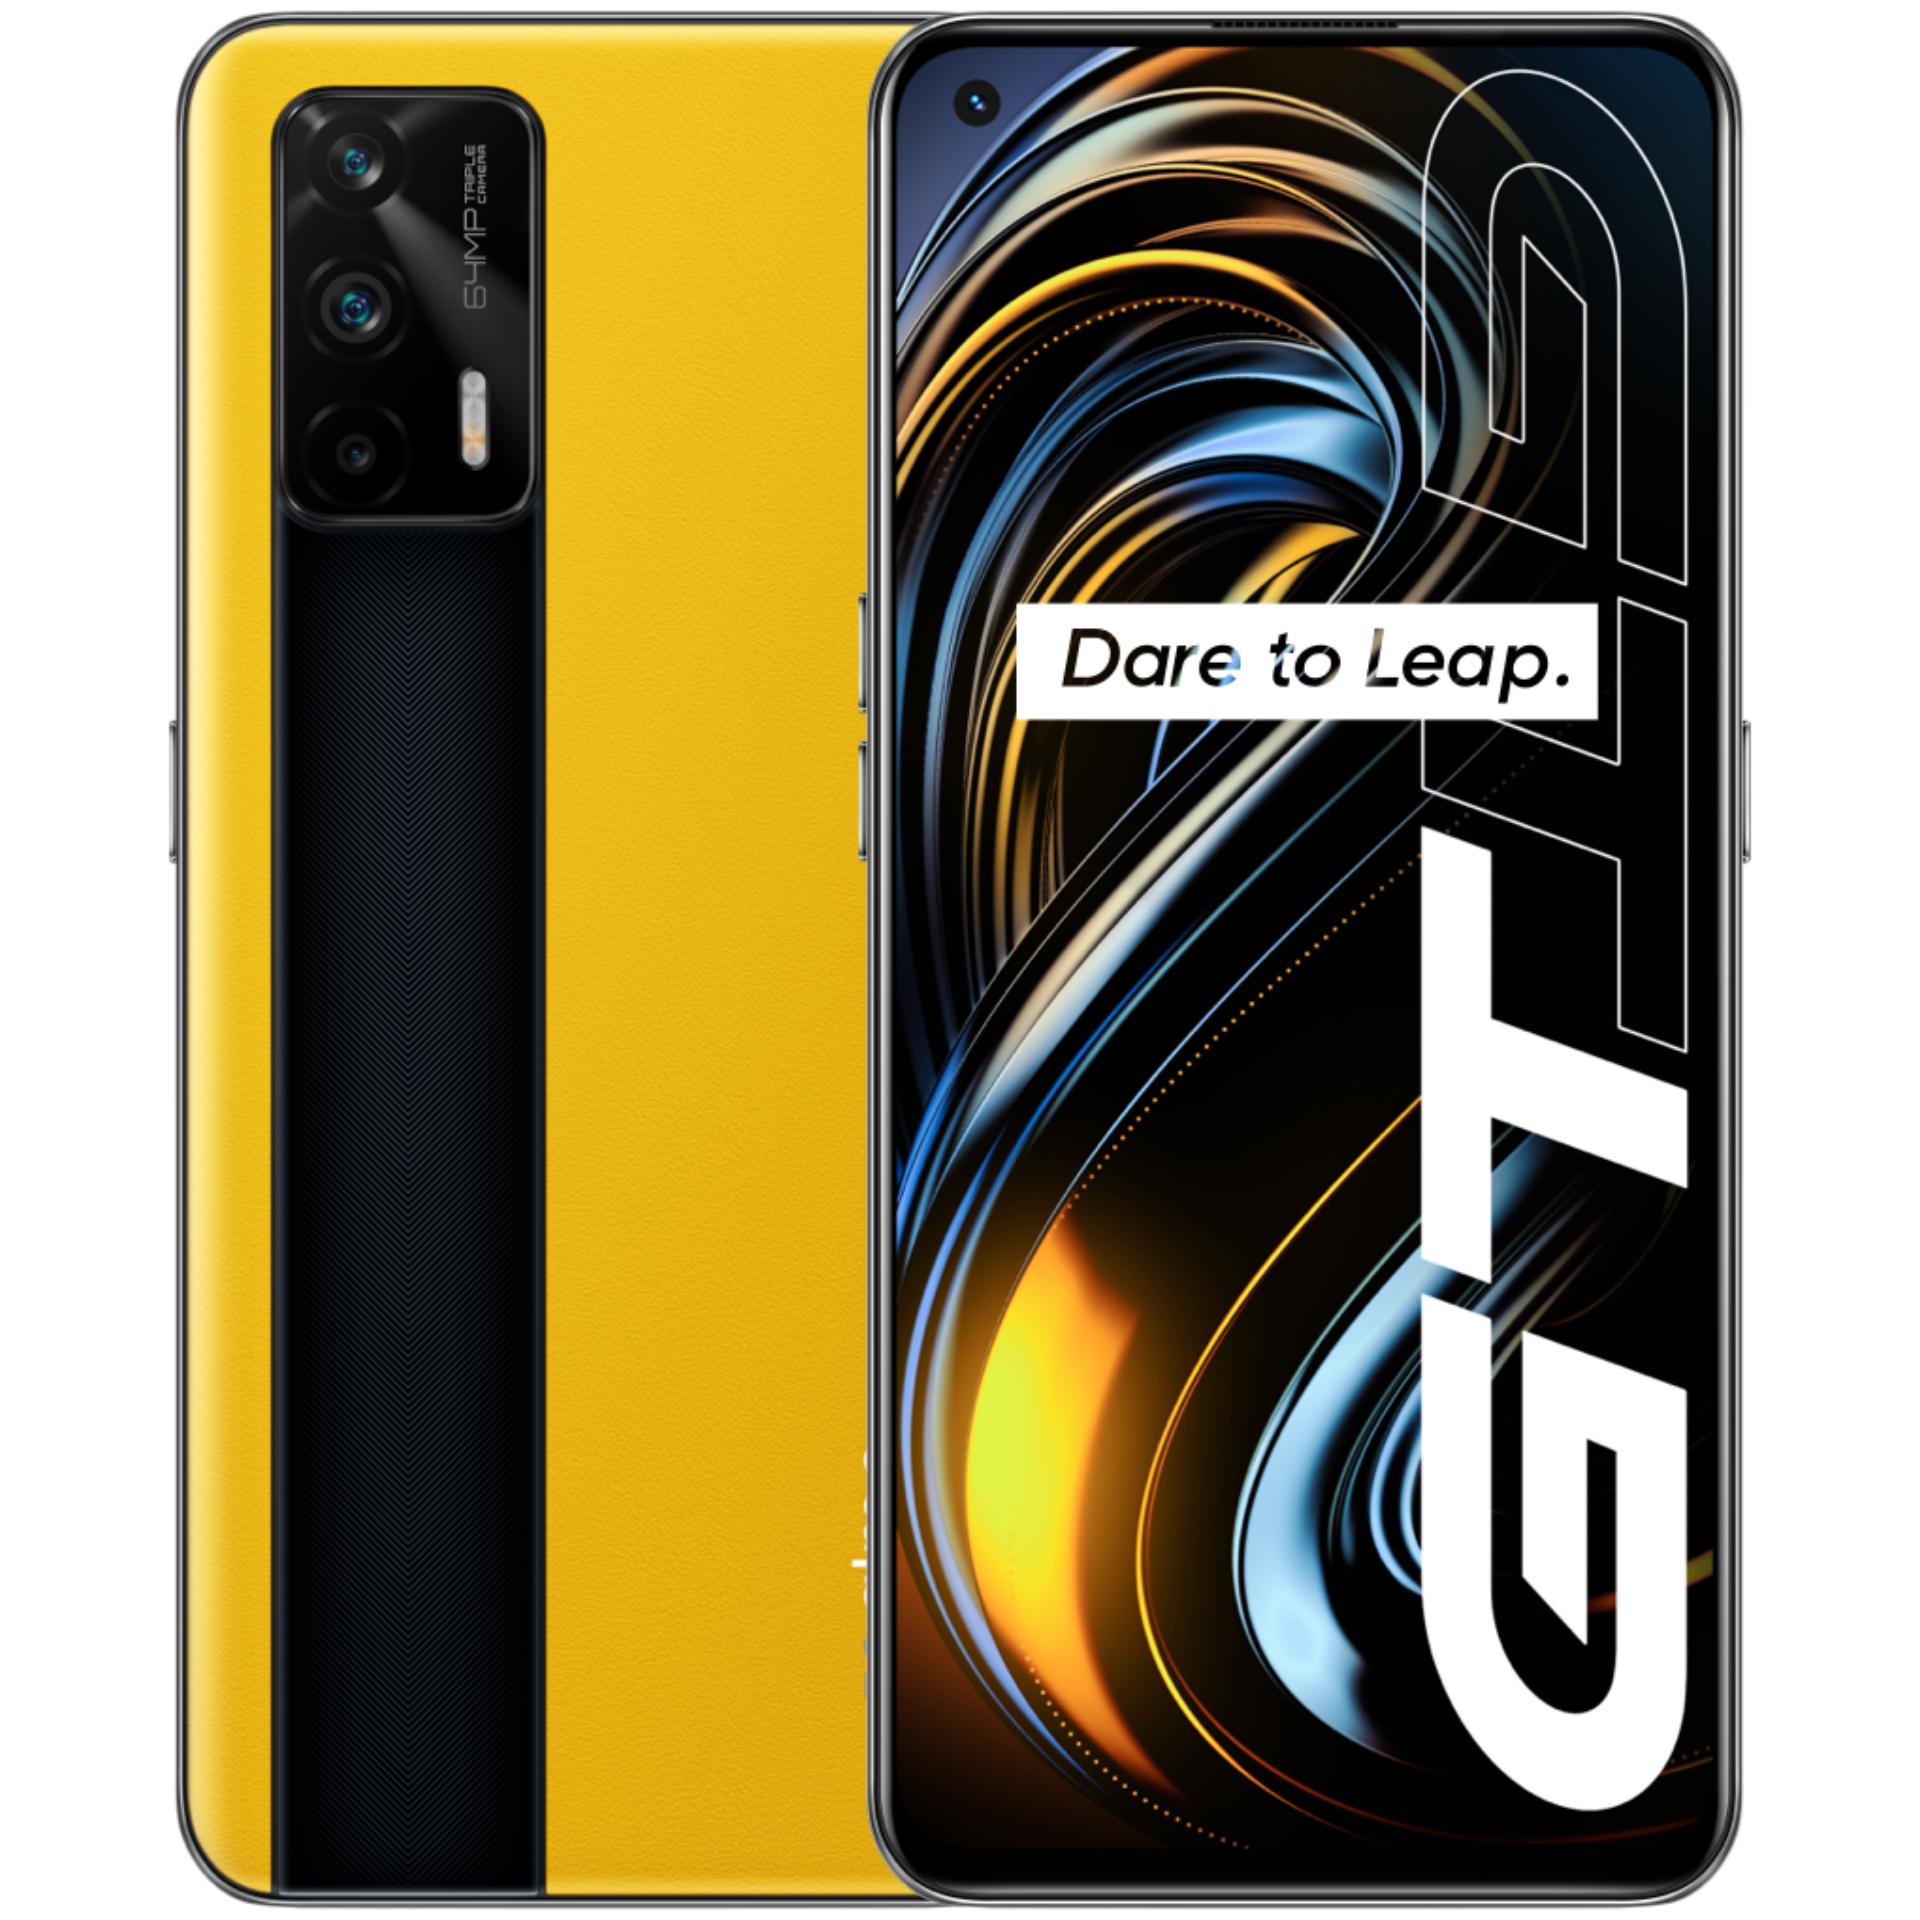 """Realme GT 5G 128/8GB (Snapdragon 888, 6.43"""" 120Hz Amoled Display, 64MP Triple Kamera, 4500mAh Akku, 65W Laden, 186 Gramm, Grauimport)"""